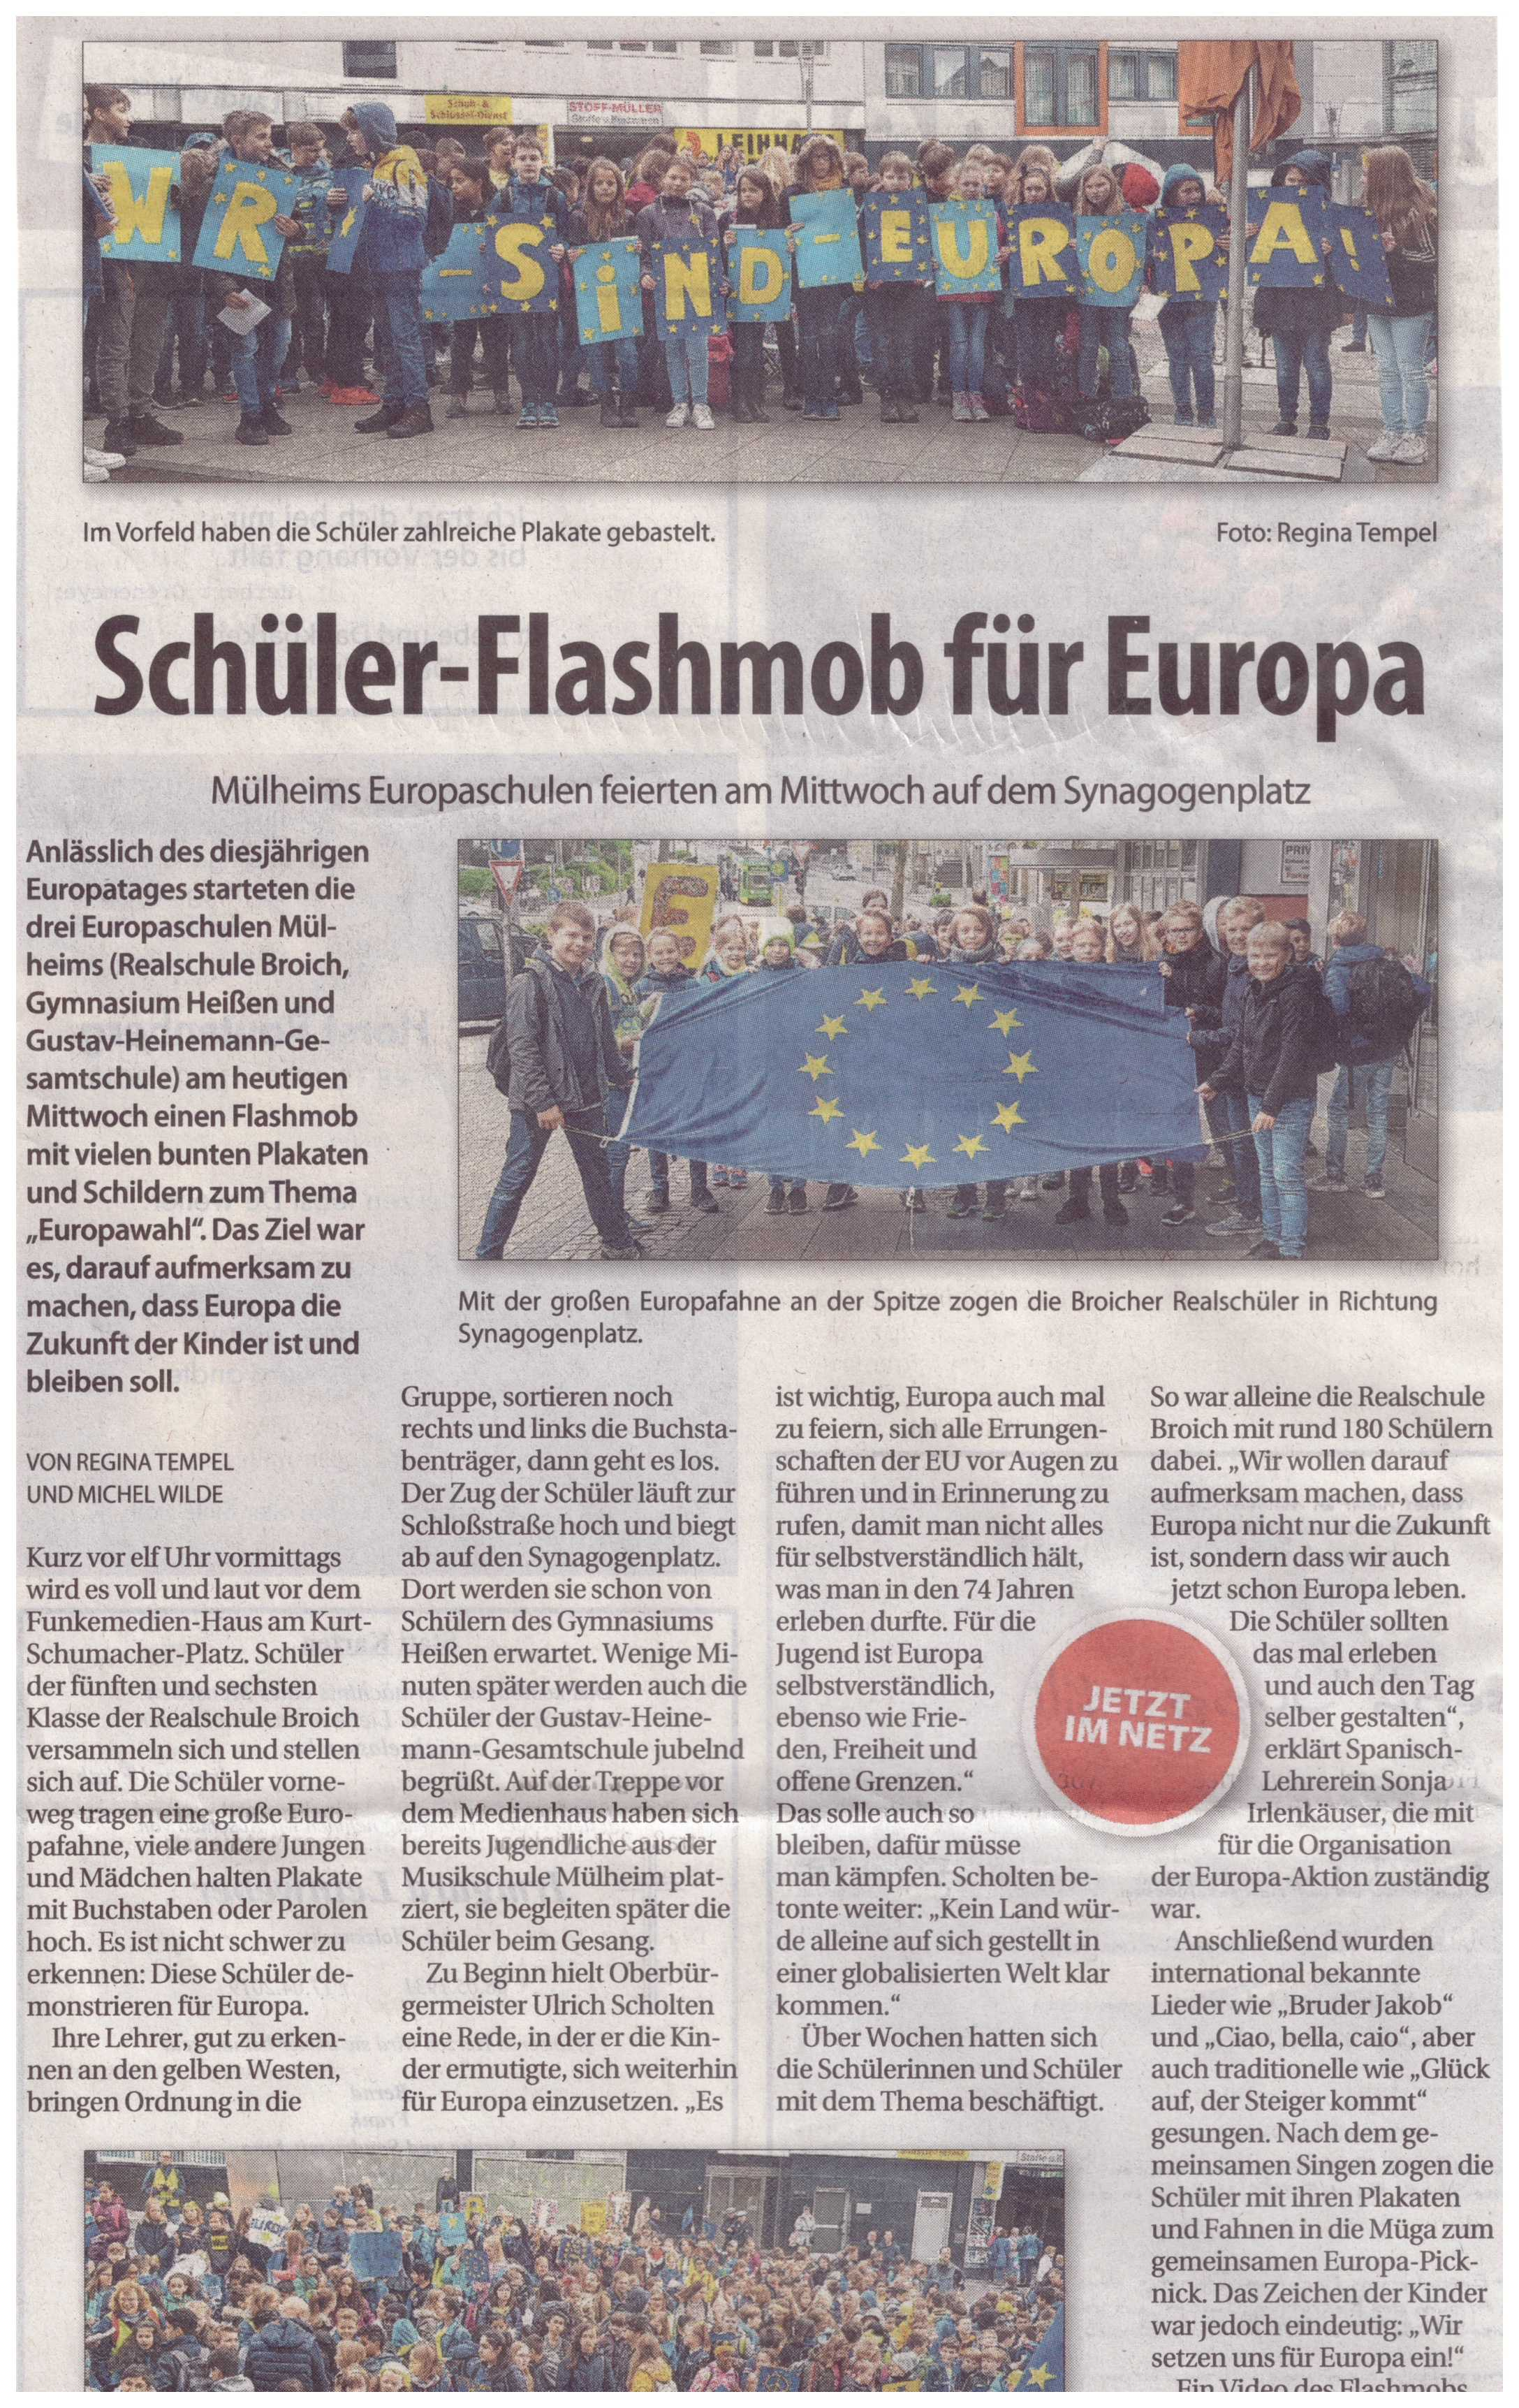 19 05 11europa flashmob